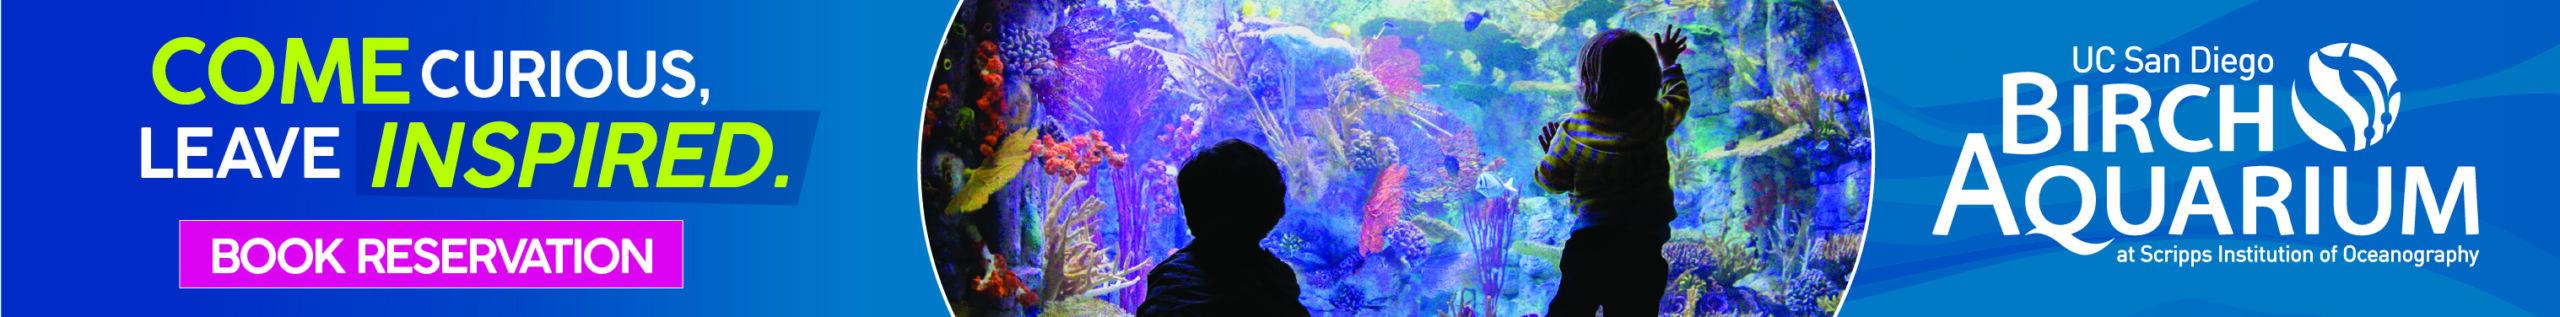 Birch Aquarium Summer 2021 728 x 90